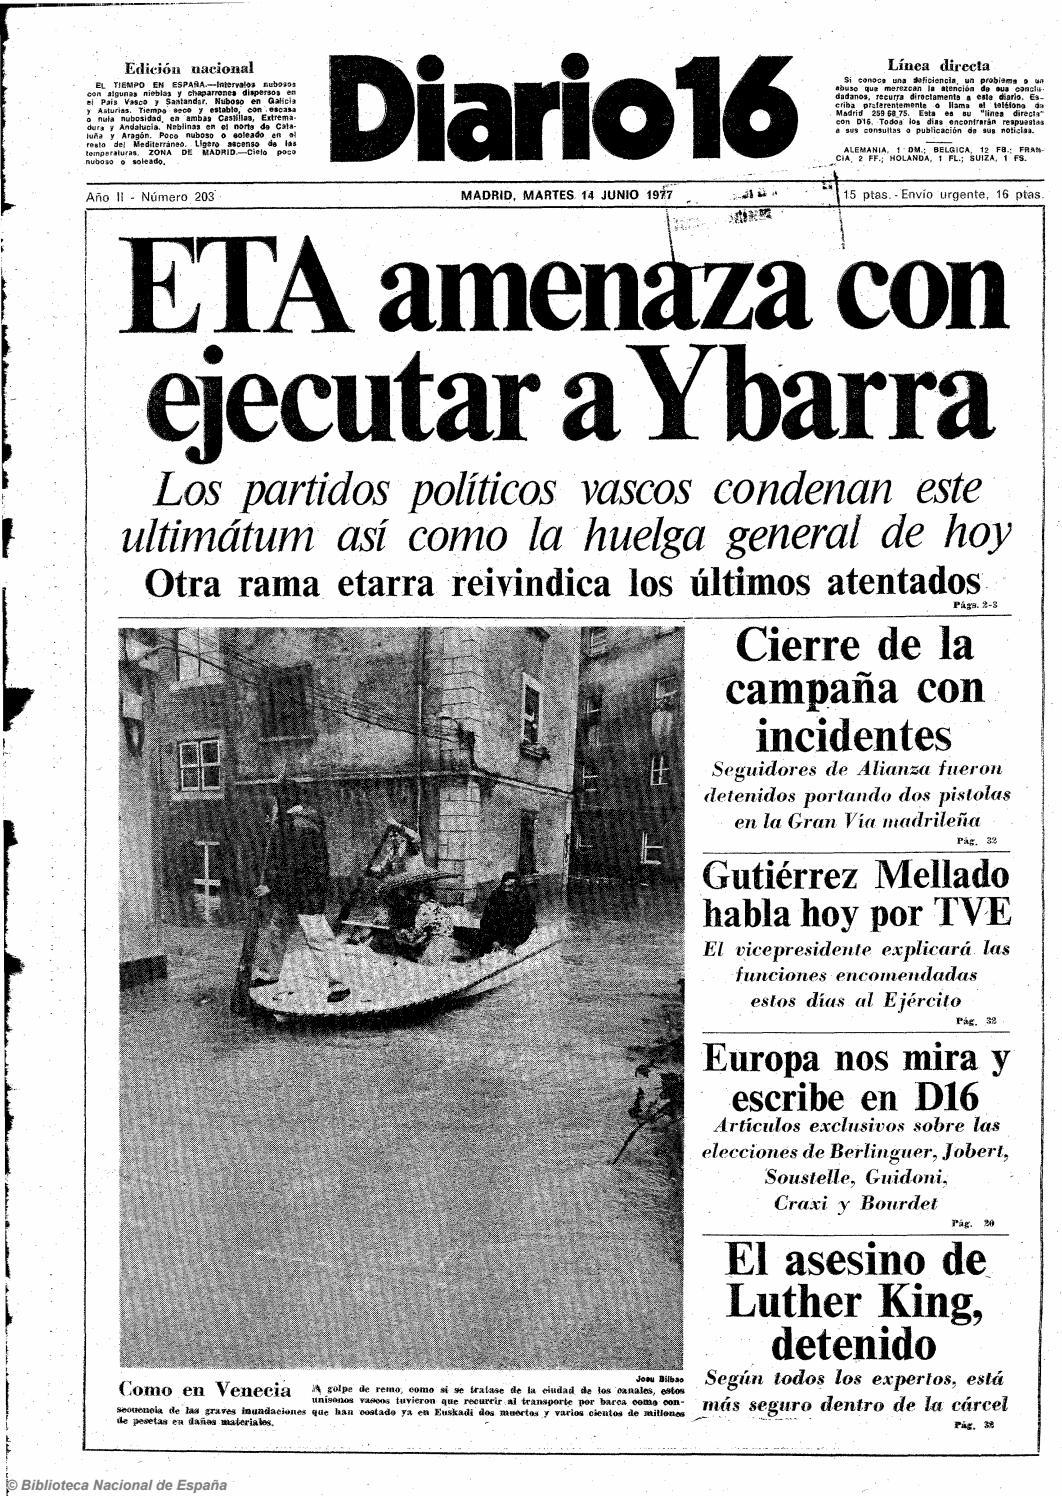 7b65ce9b2b Diario 16. 14-6-1977 by diario16deburgos - issuu